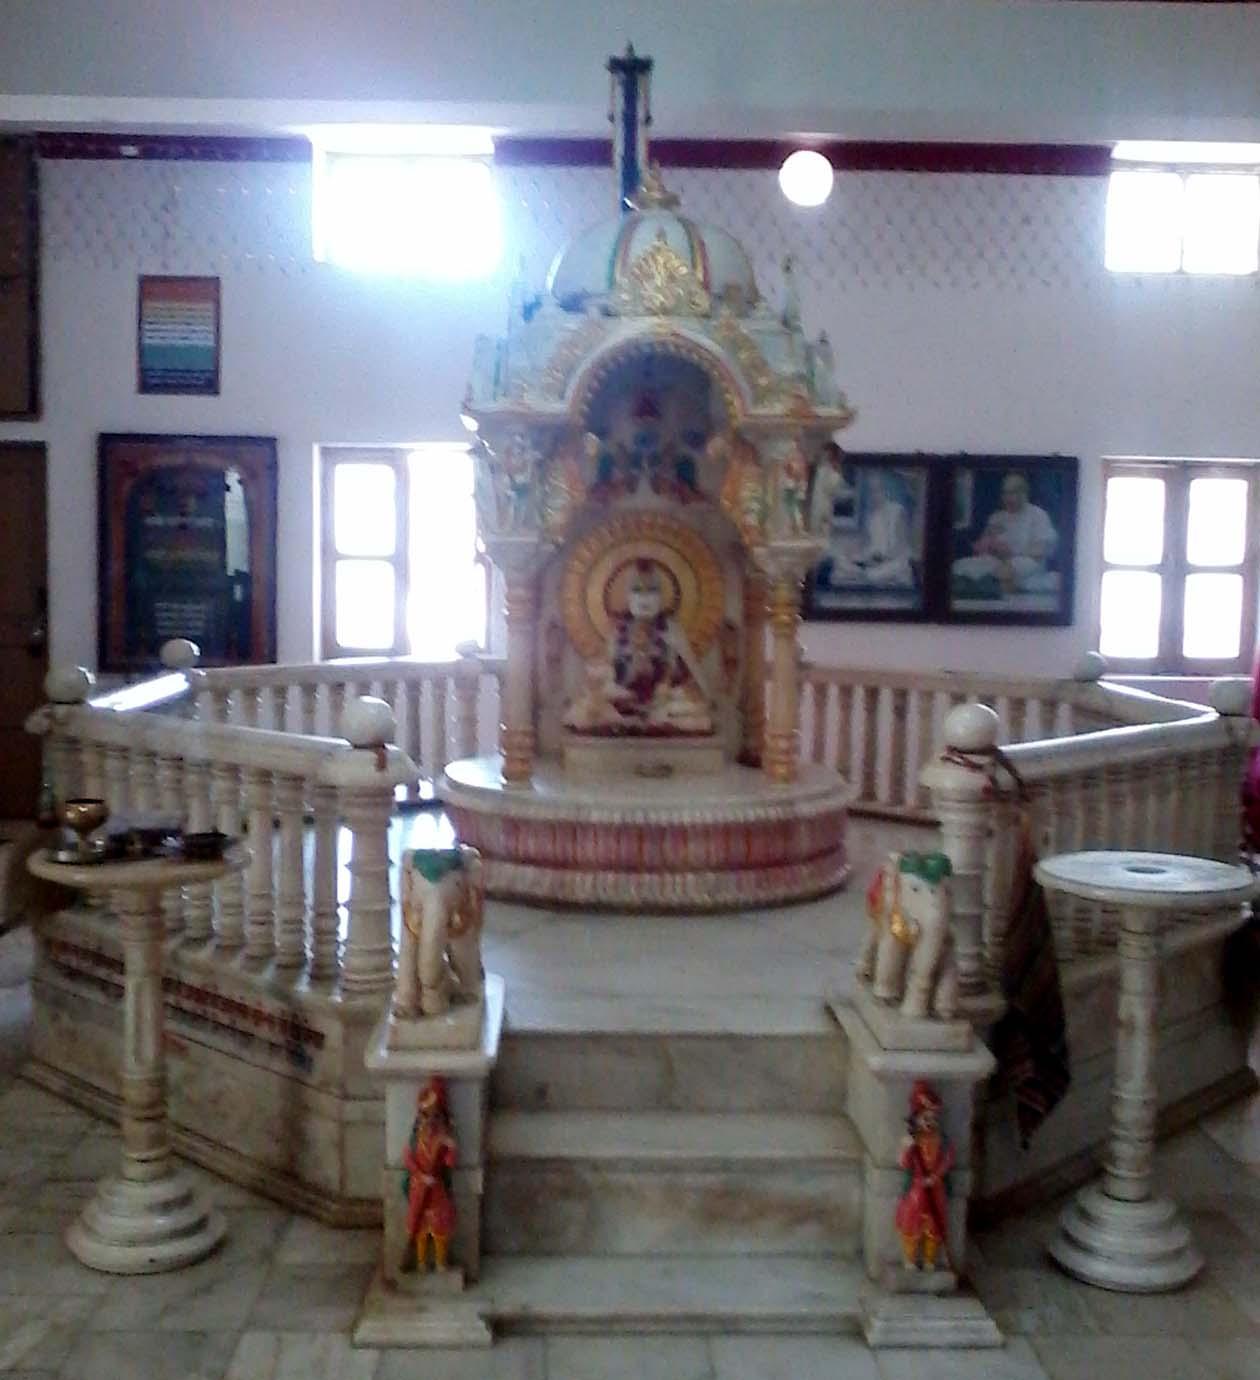 40th-guru-pratima-Day-tomorrow-bawan-jinalaya-jhabua-40वां गुरू प्रतिमा प्रतिष्ठा दिवस कल, अष्टप्रकारी पूजन कर निकाली जाएगी शोभायात्रा